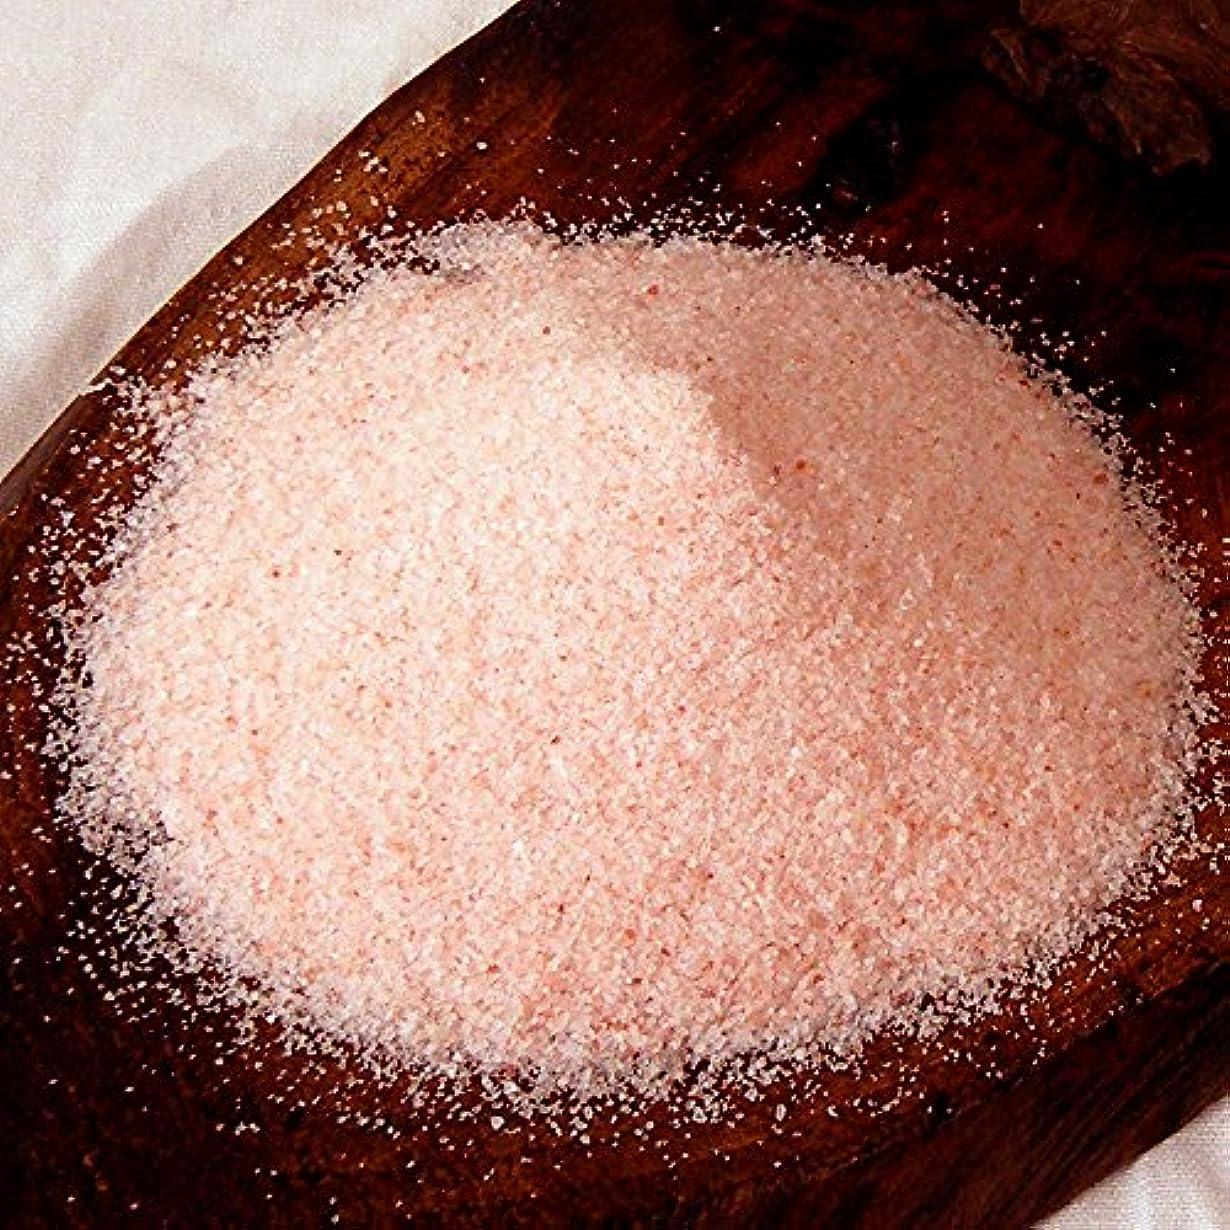 夜明けに同様の寄託ヒマラヤ岩塩 バスソルト ローズソルト 溶けやすい細粒タイプ お試し1kg (ソルト内容量970g)